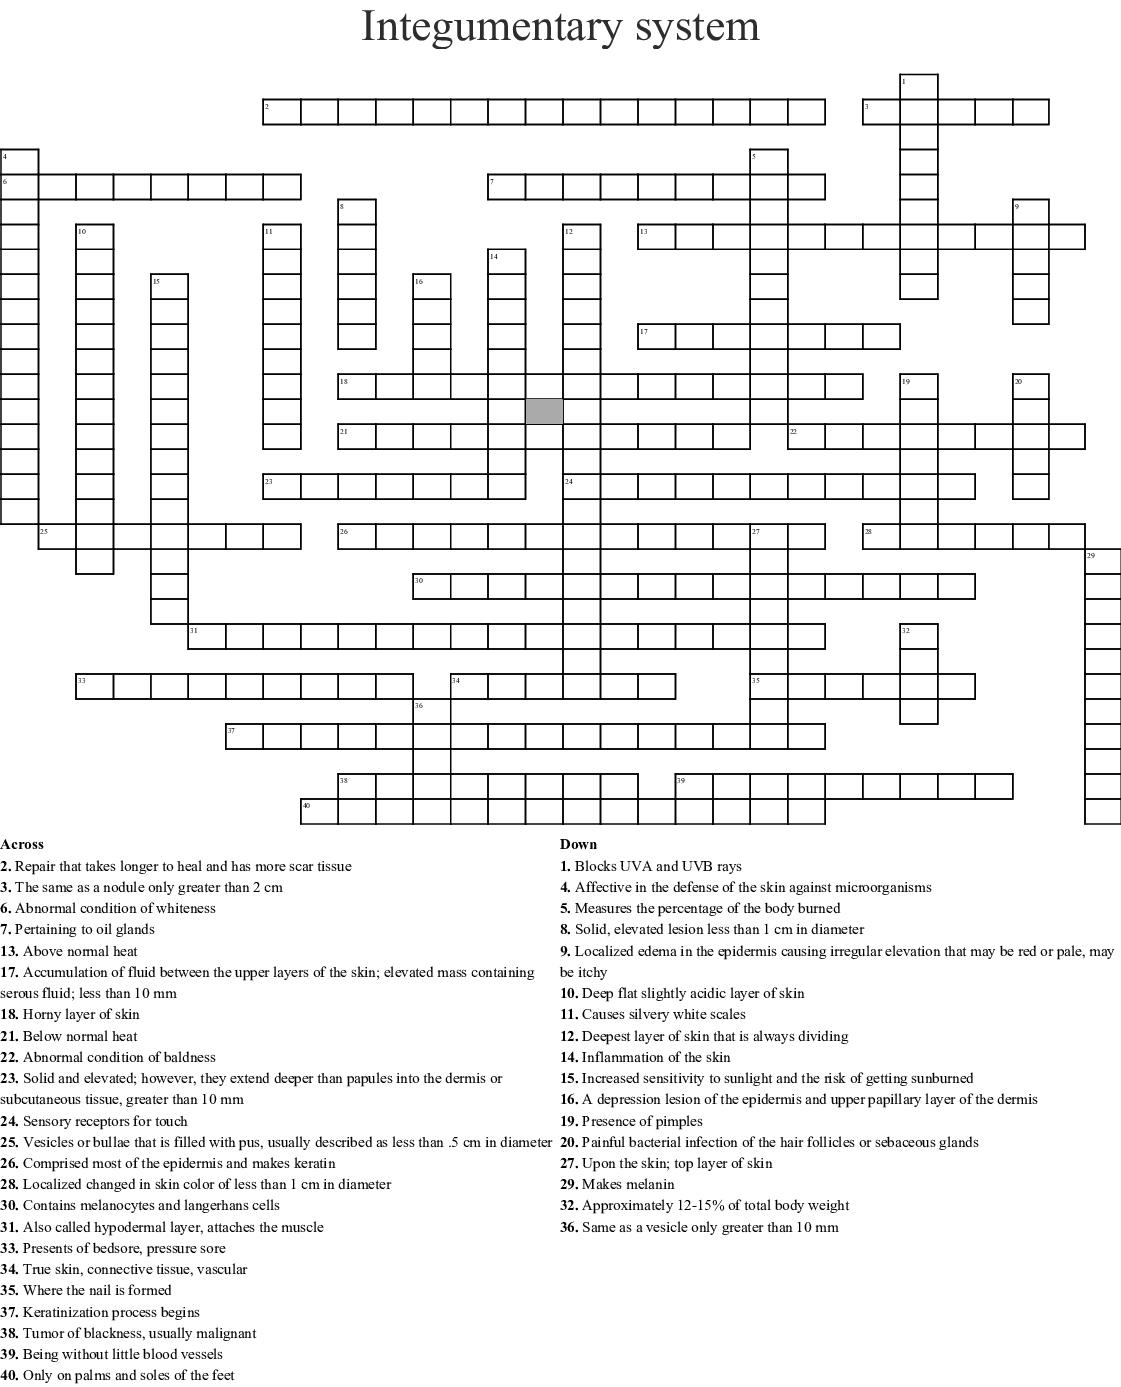 Integumentary System Crossword